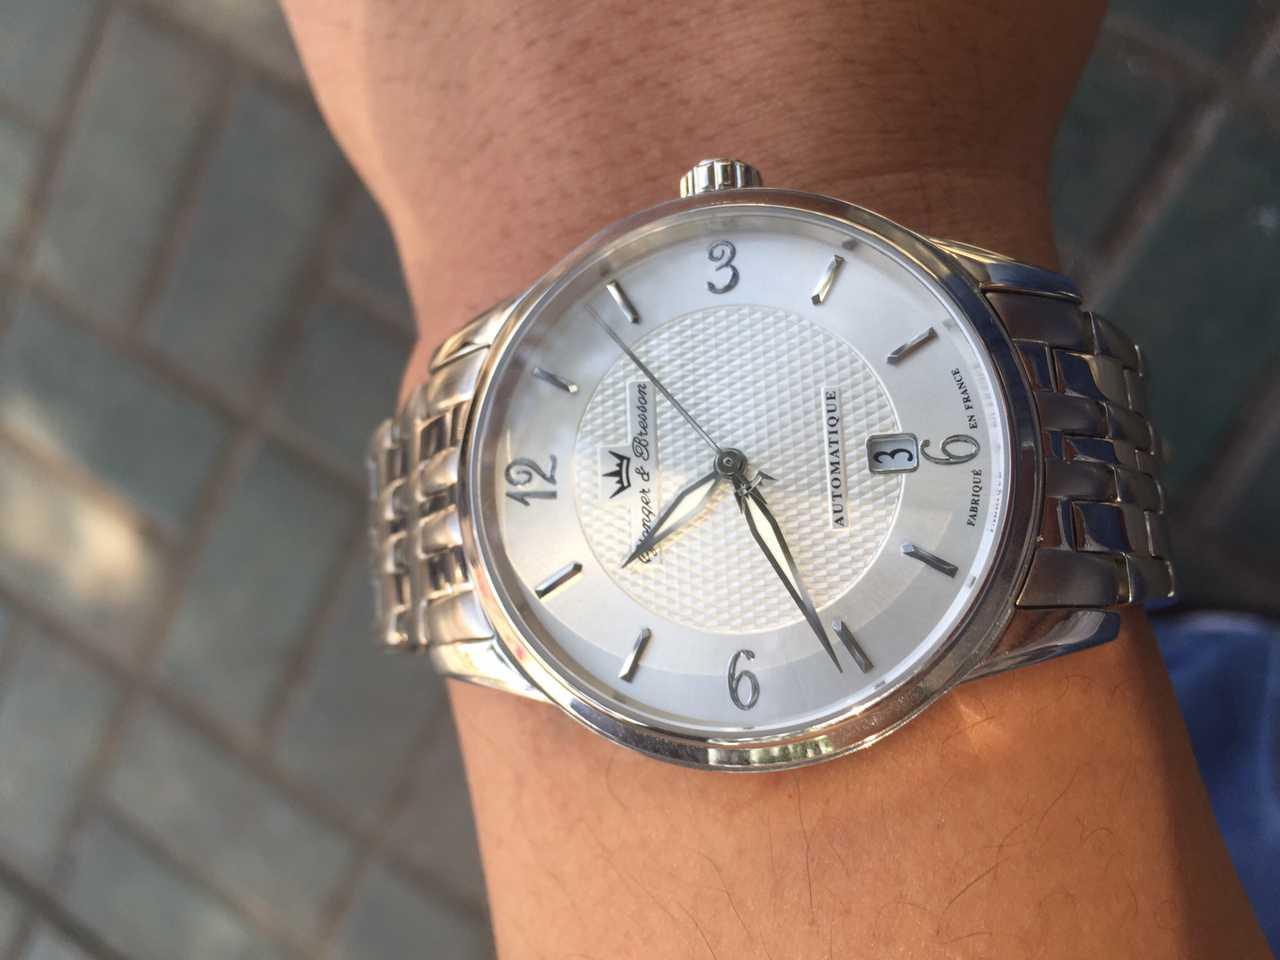 雍加毕索YBH 8343-02 M手表【表友晒单作业】这款机械表...